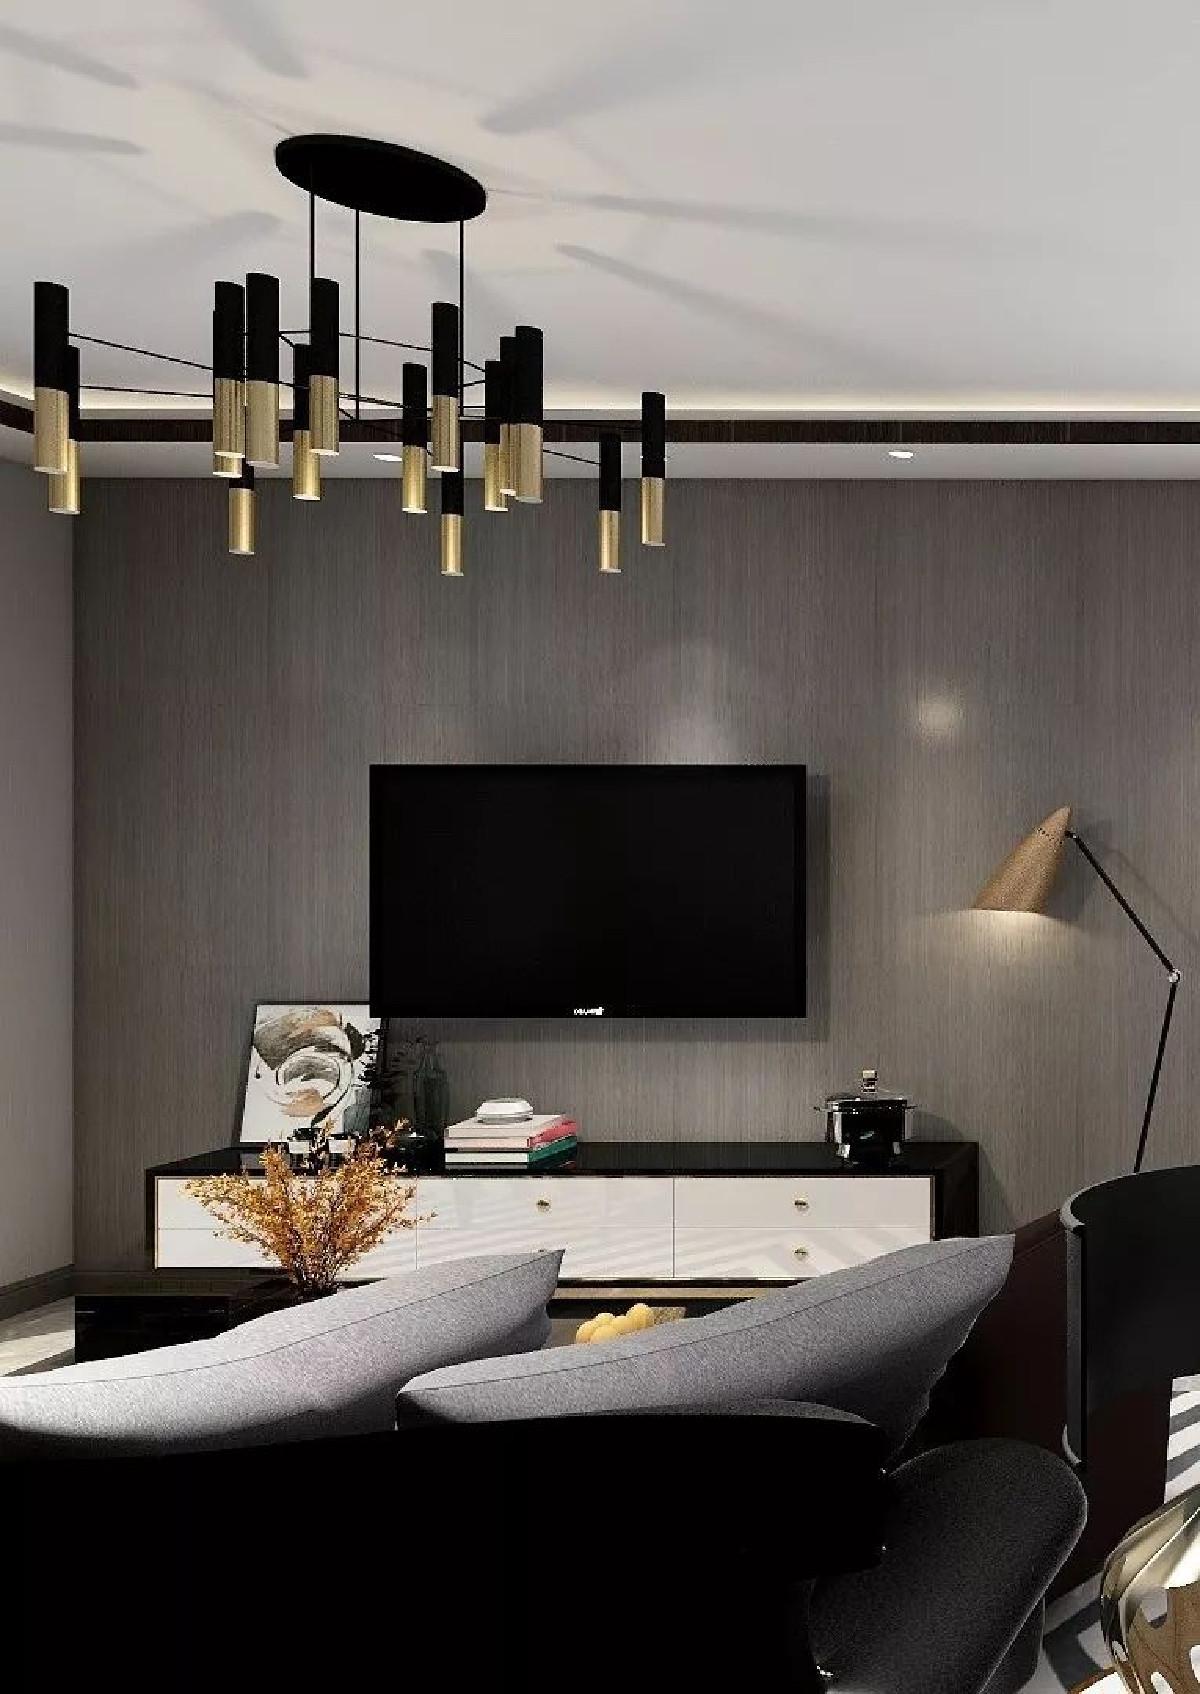 饱满的开放式格局,客厅自然以黑白灰为主体,让整个空间充满成熟艺术性和沉稳理性感。偏商务的装饰,将生活和工作的界限渐渐冲淡,正是主人想要达到的效果。